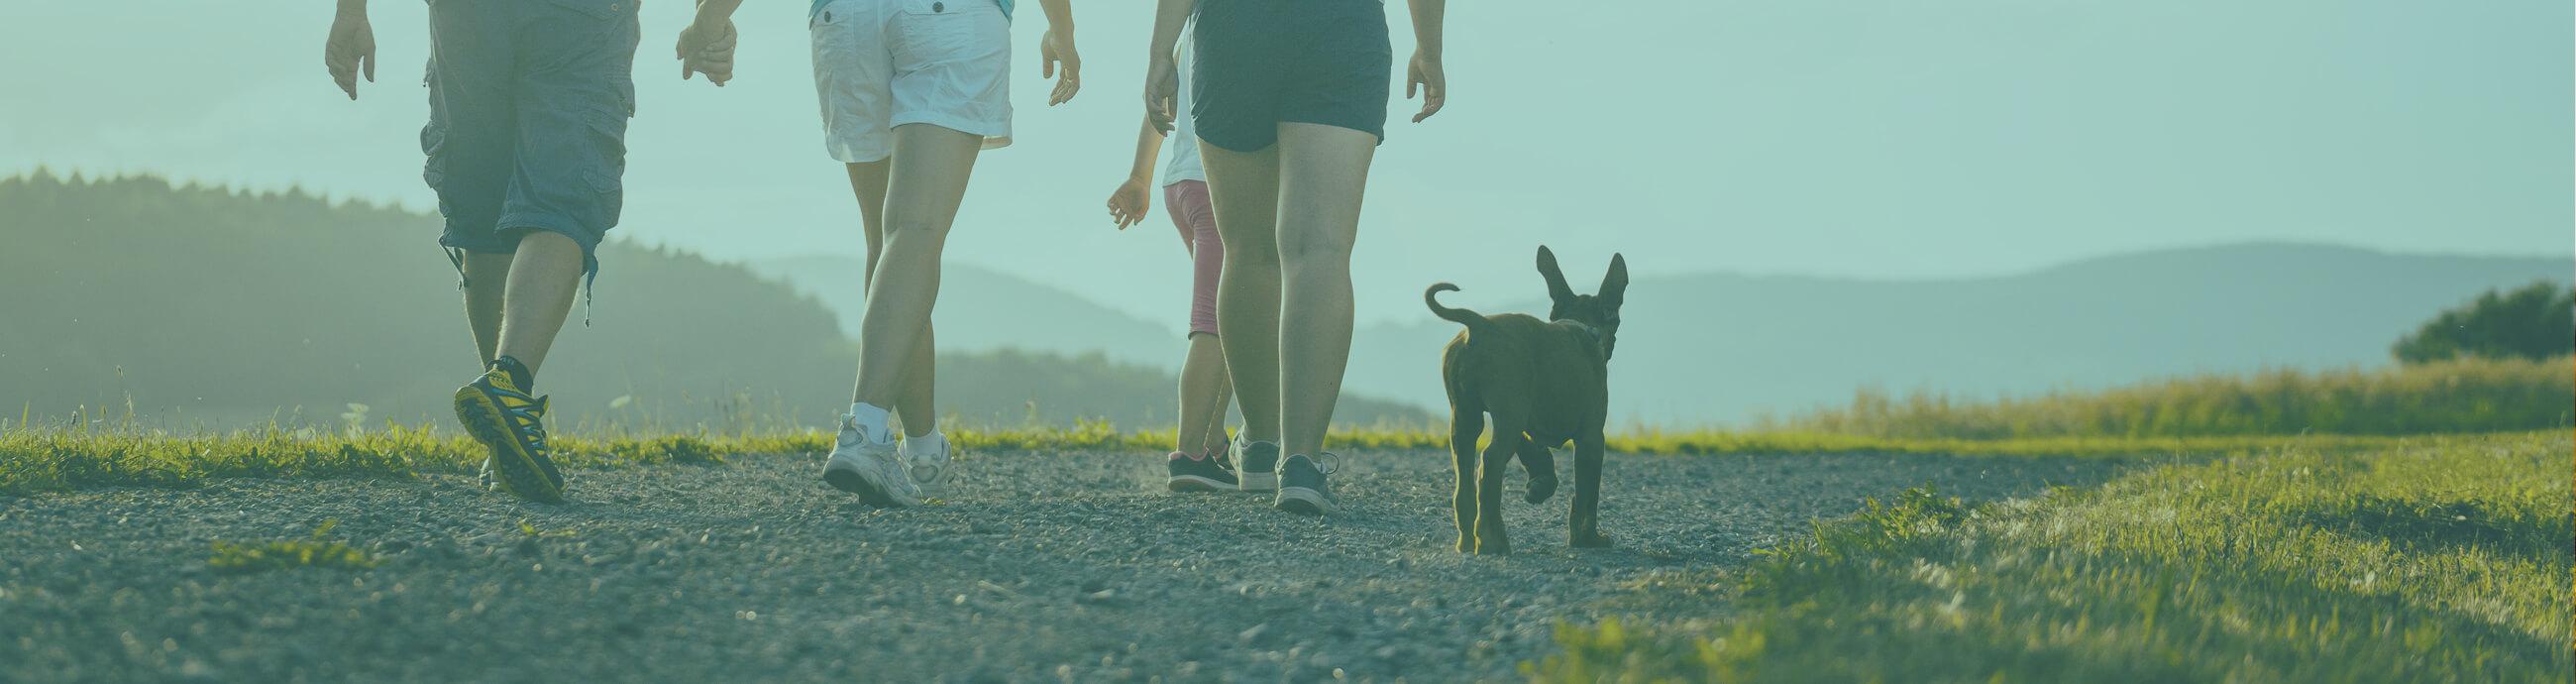 wandelen met hond